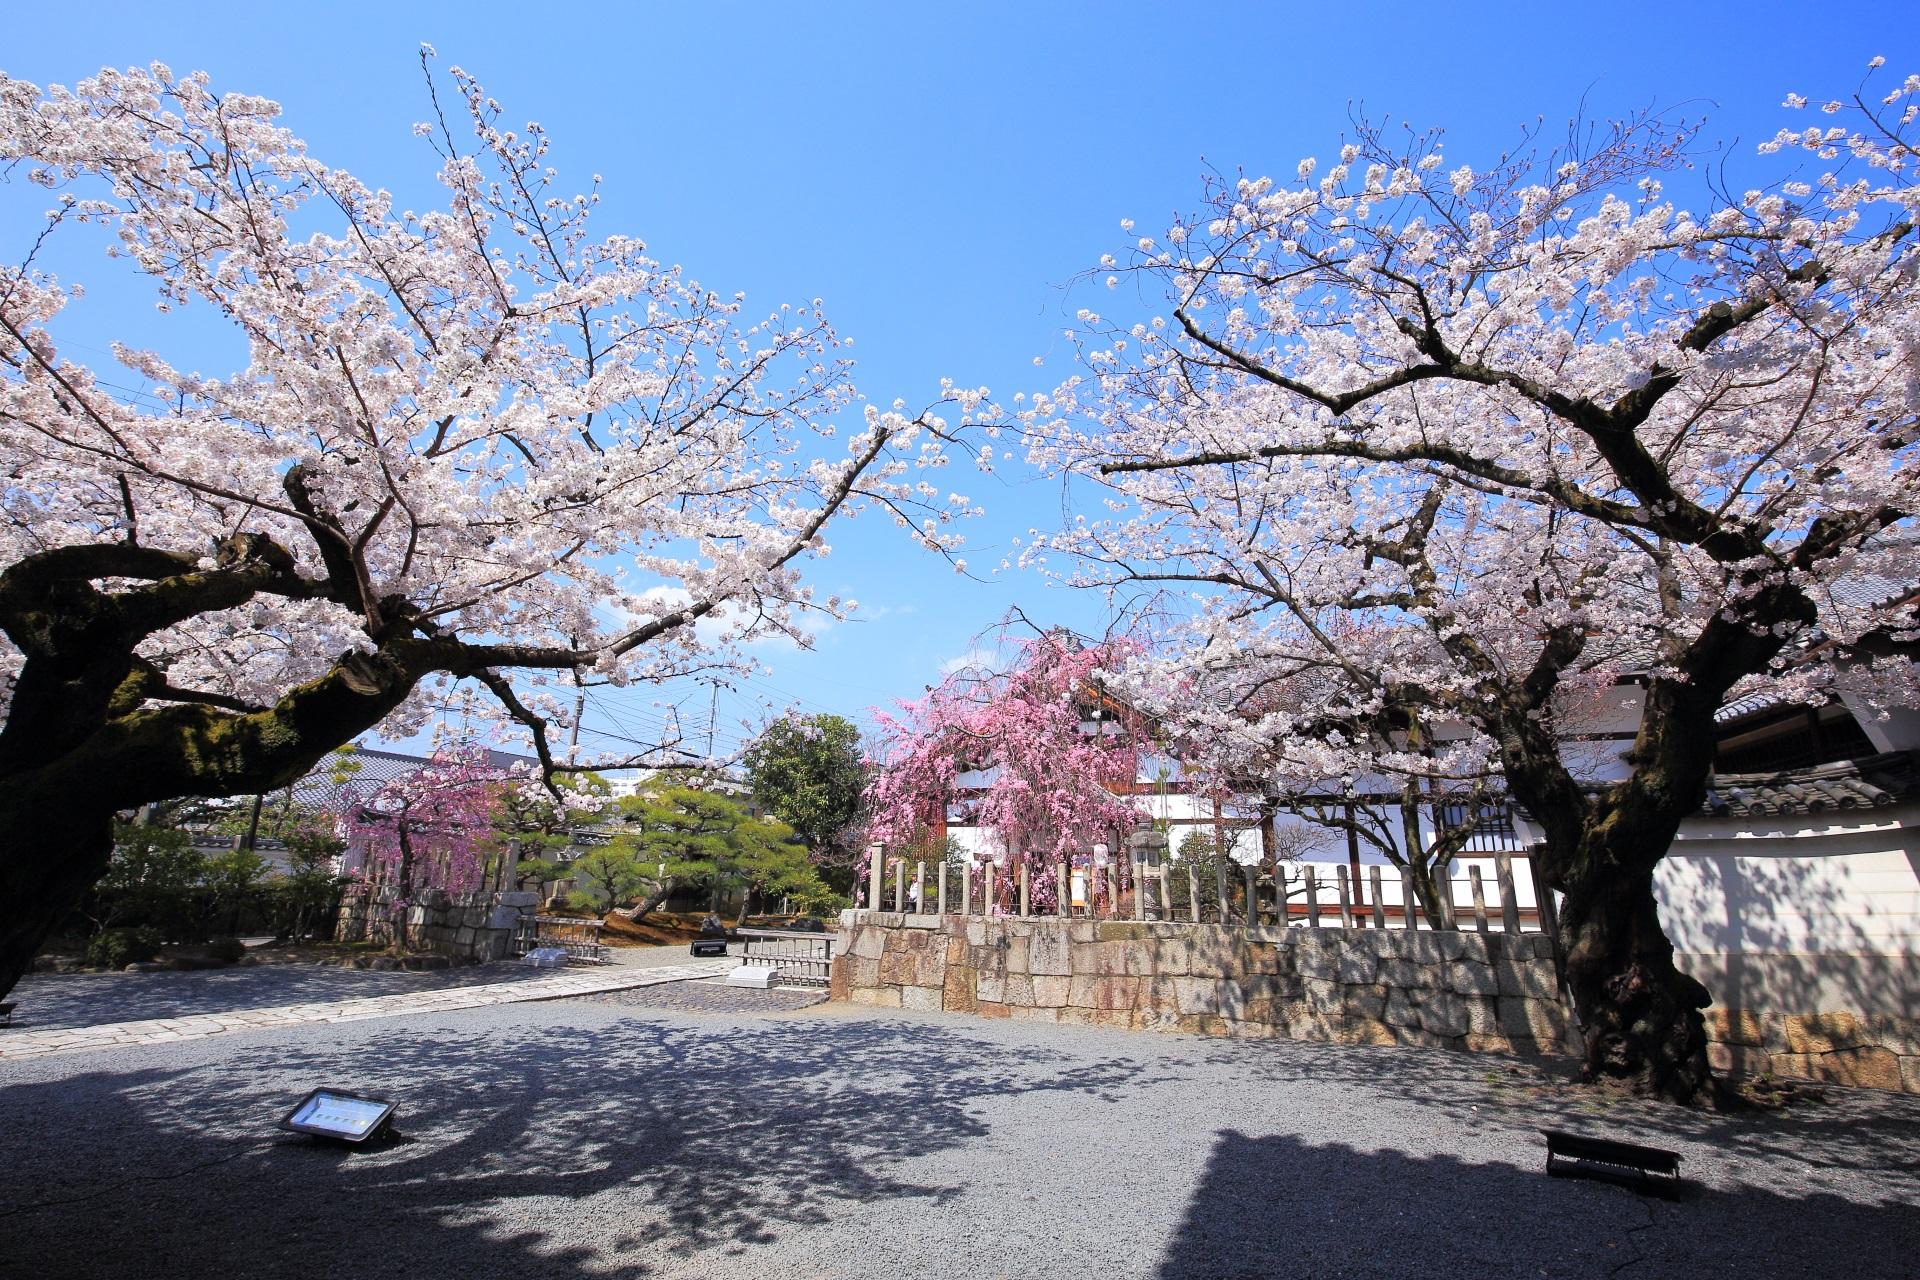 街中にある隠れた桜の名所の妙顕寺